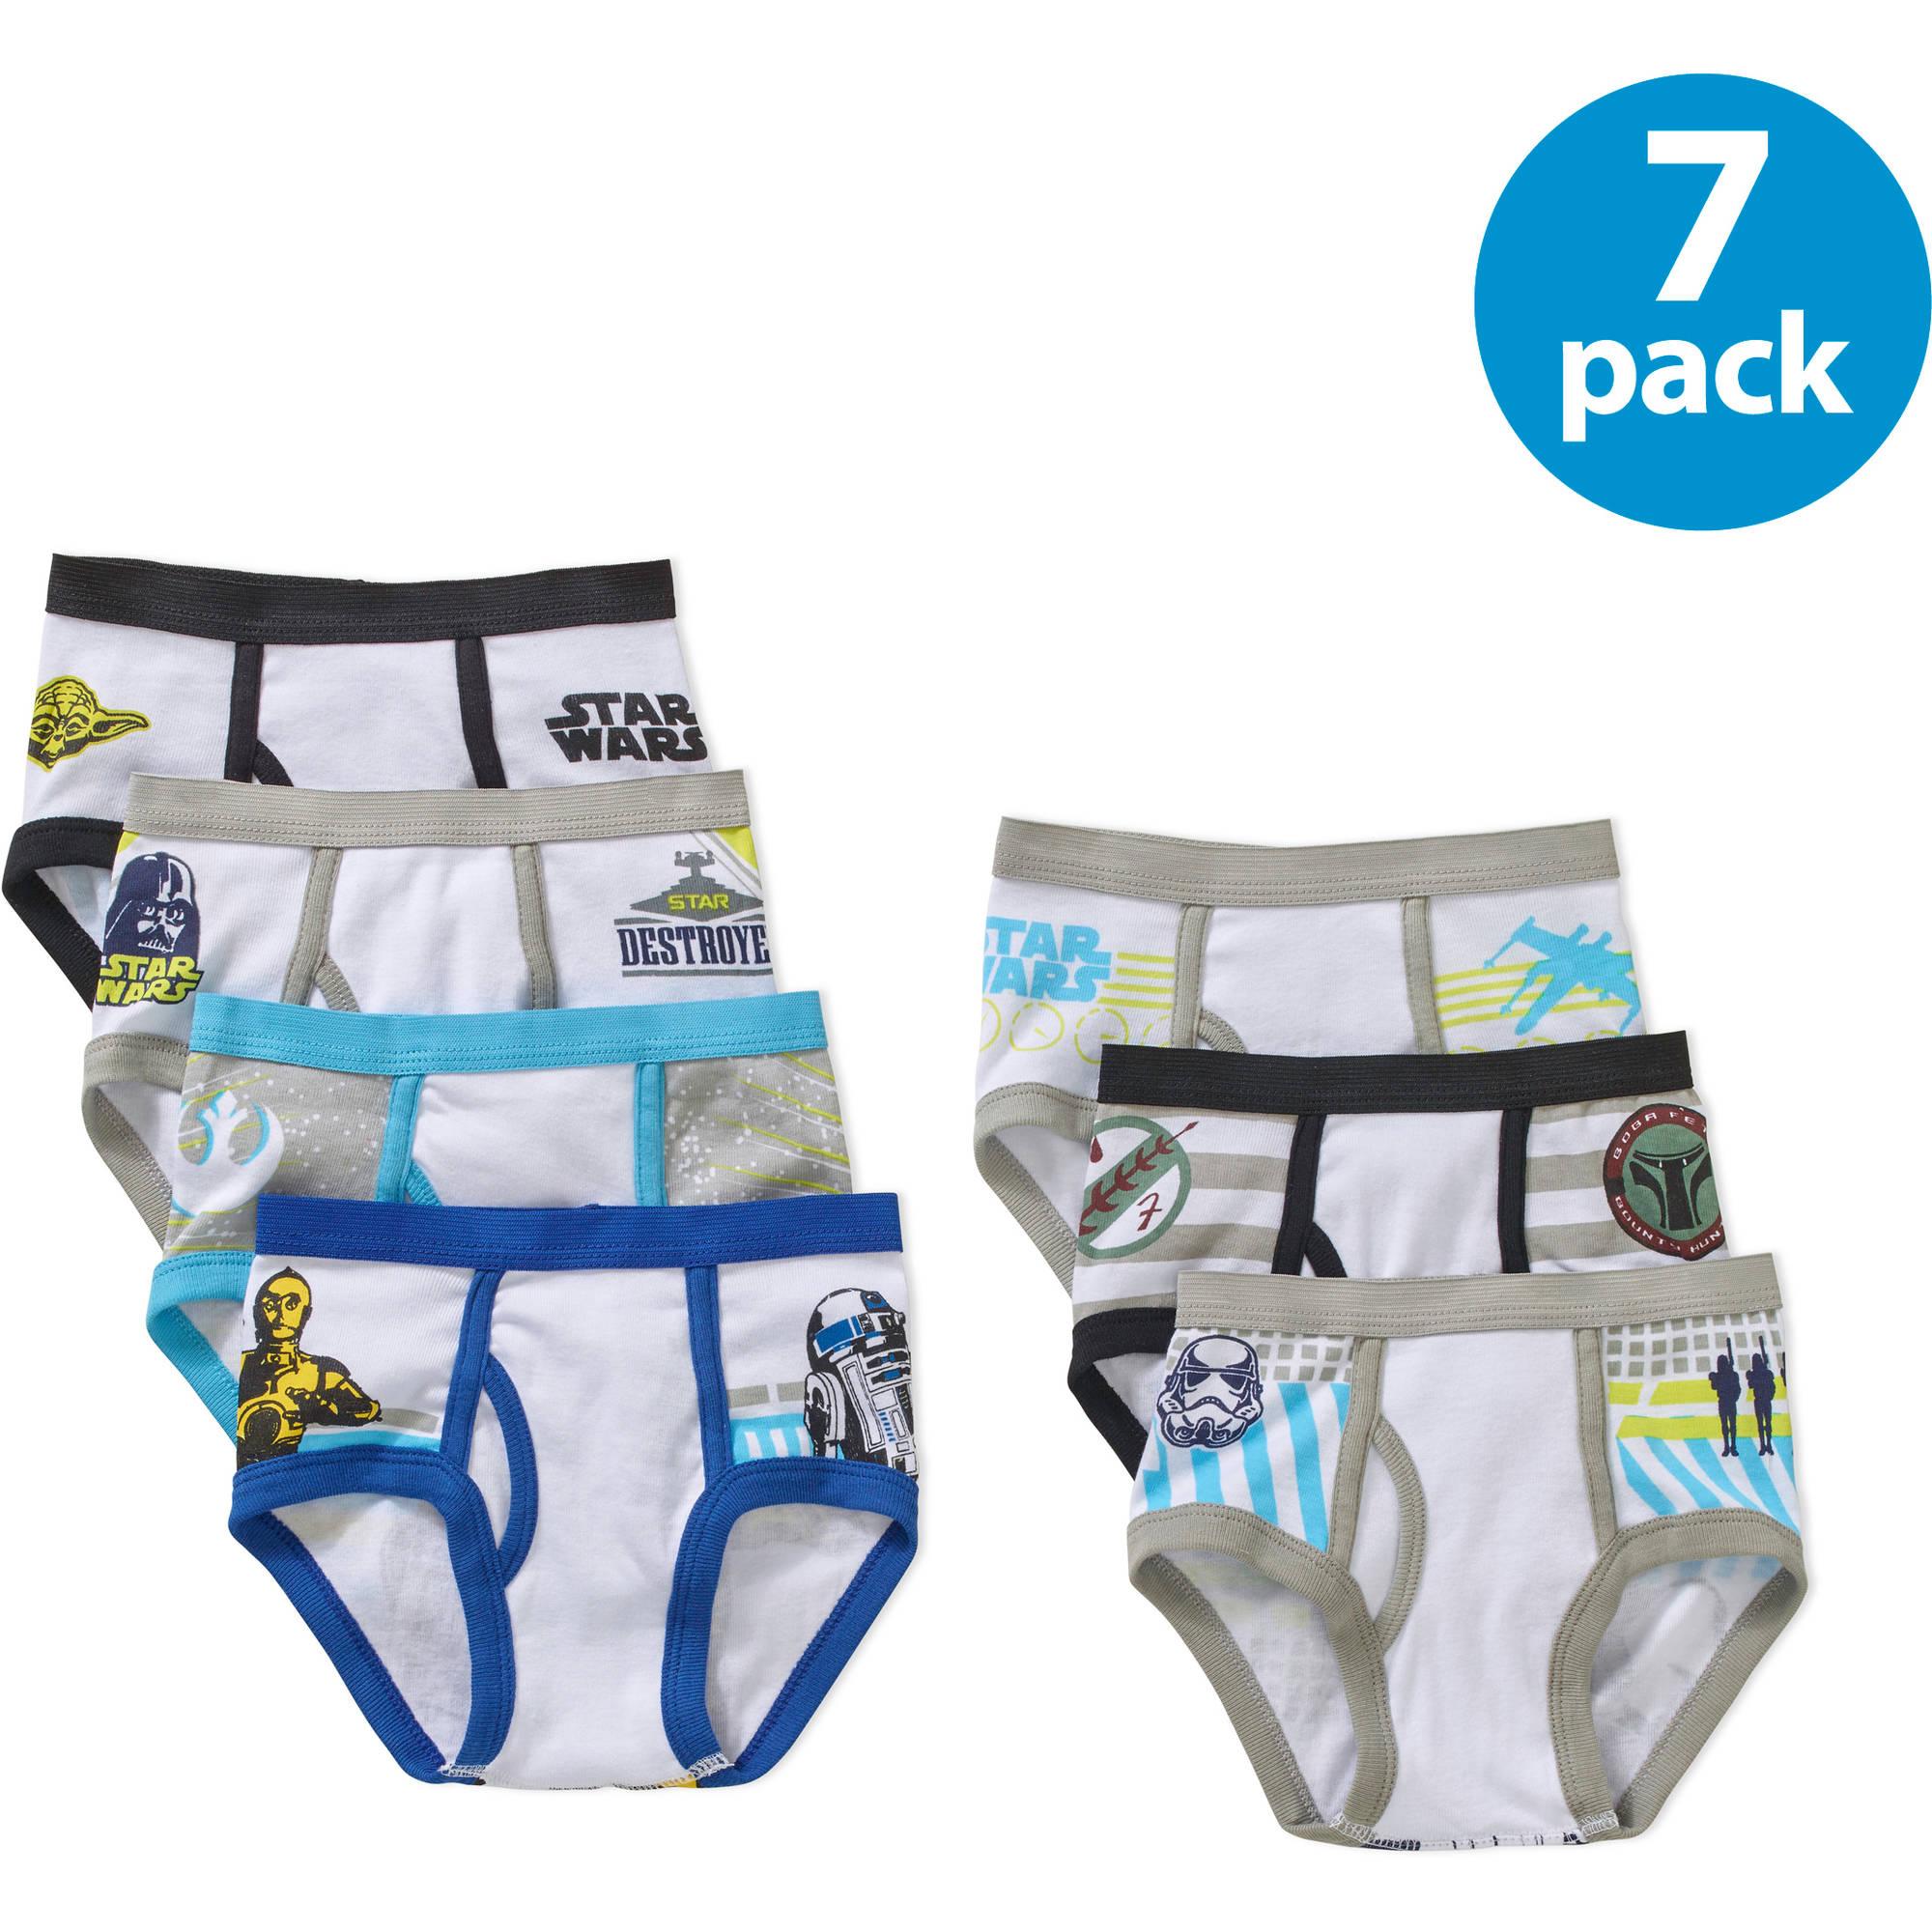 Star Wars Toddler Boys Underwear, 7 Pack Briefs